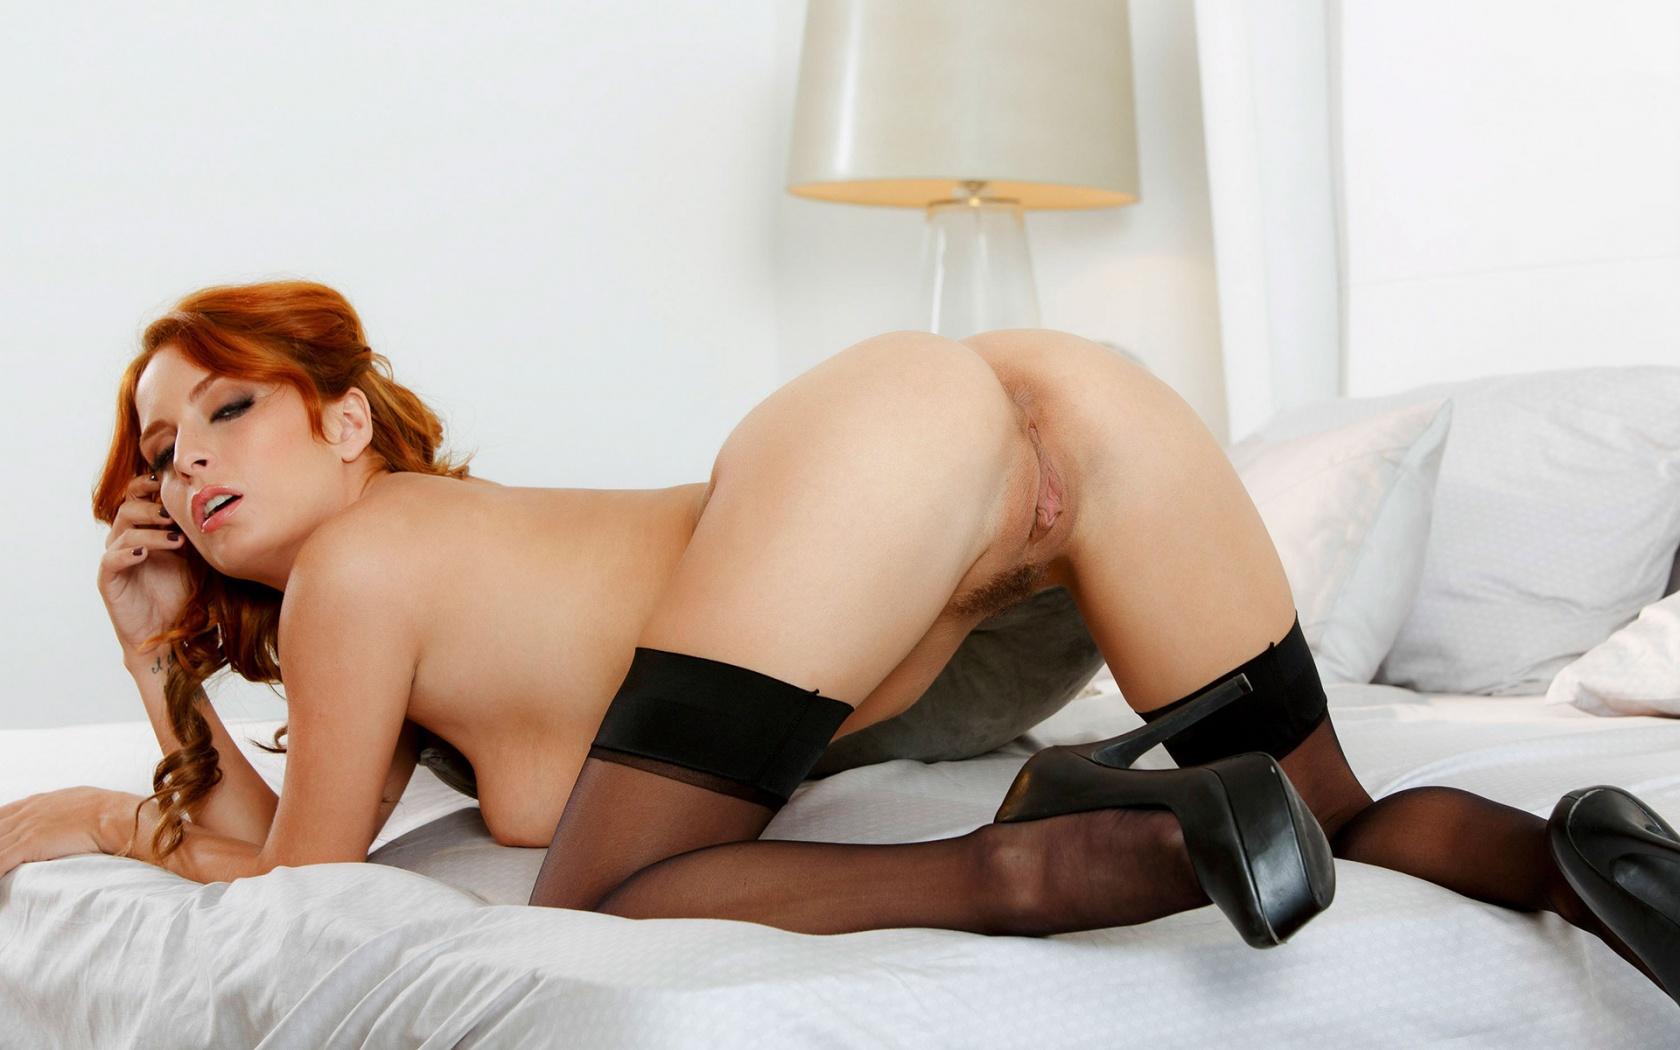 nude Hot ass redheads